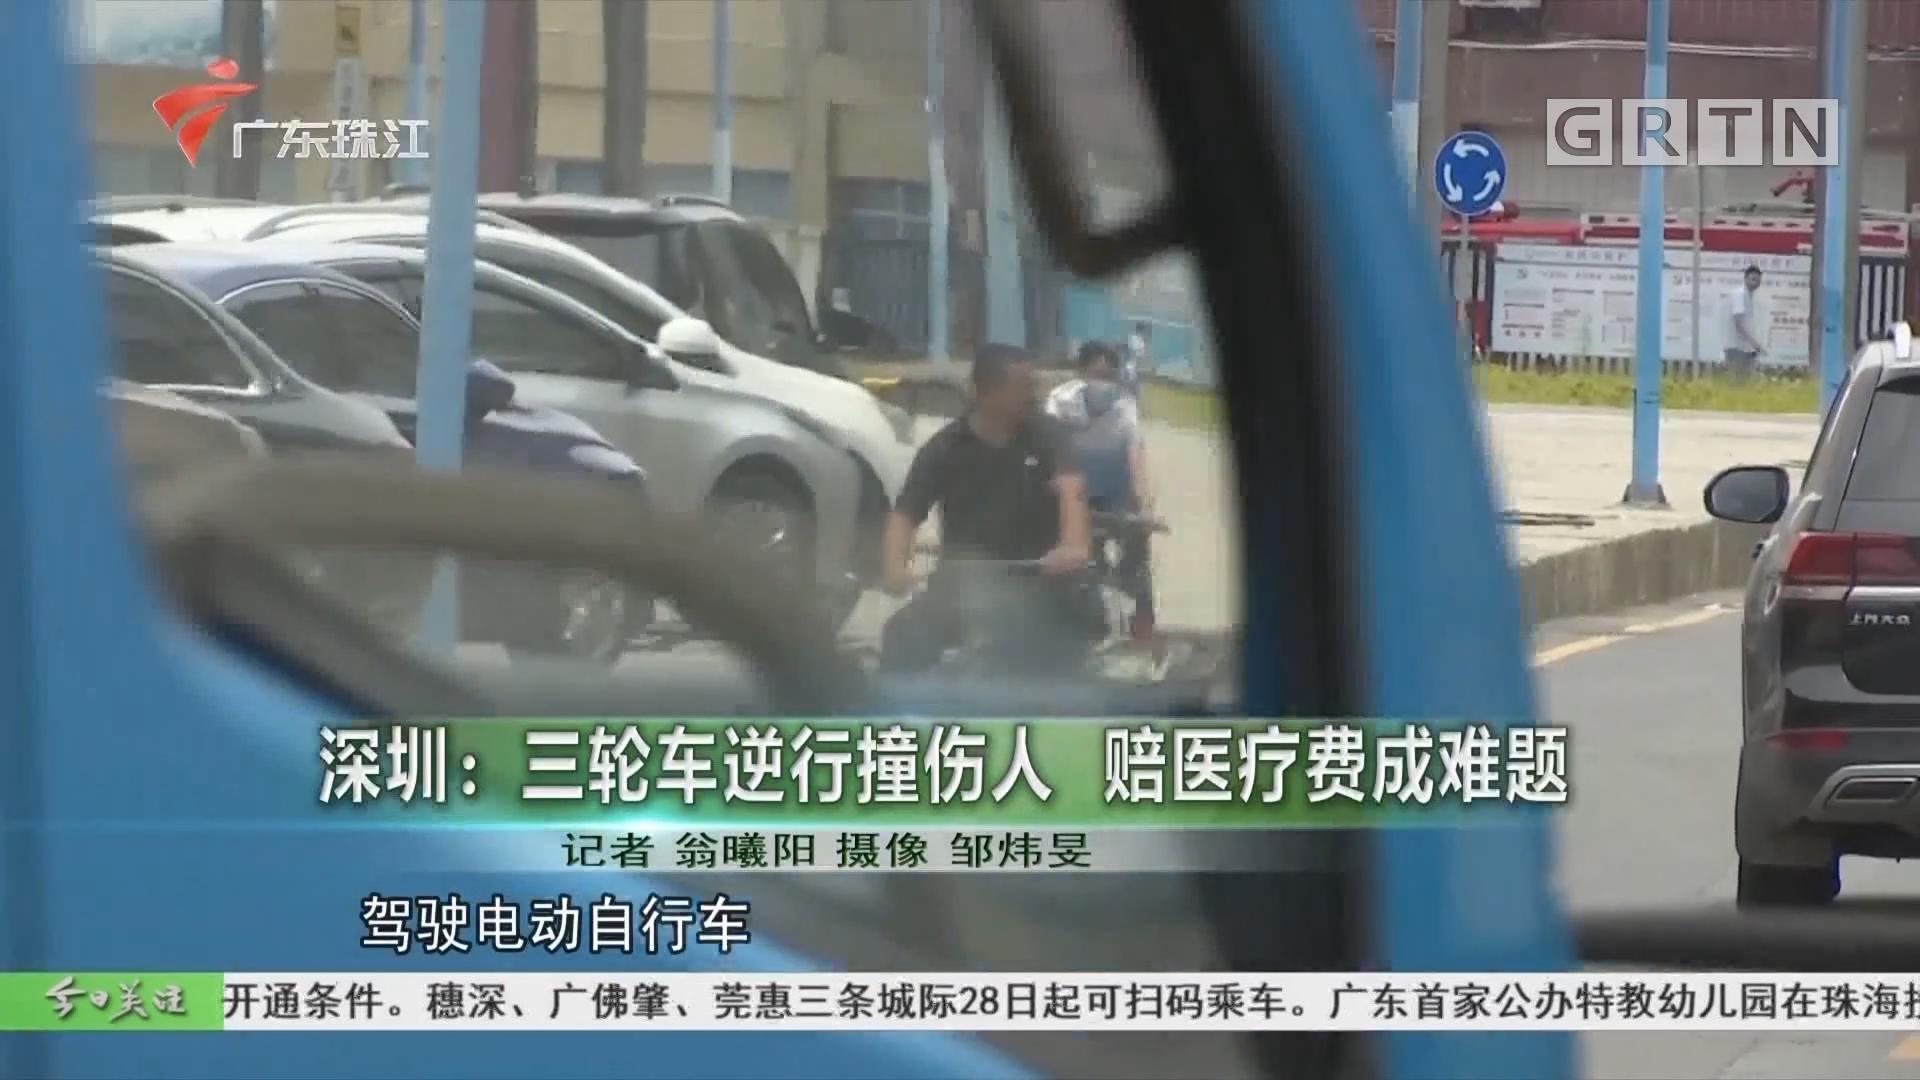 深圳:三轮车逆行撞伤人 赔医疗费成难题